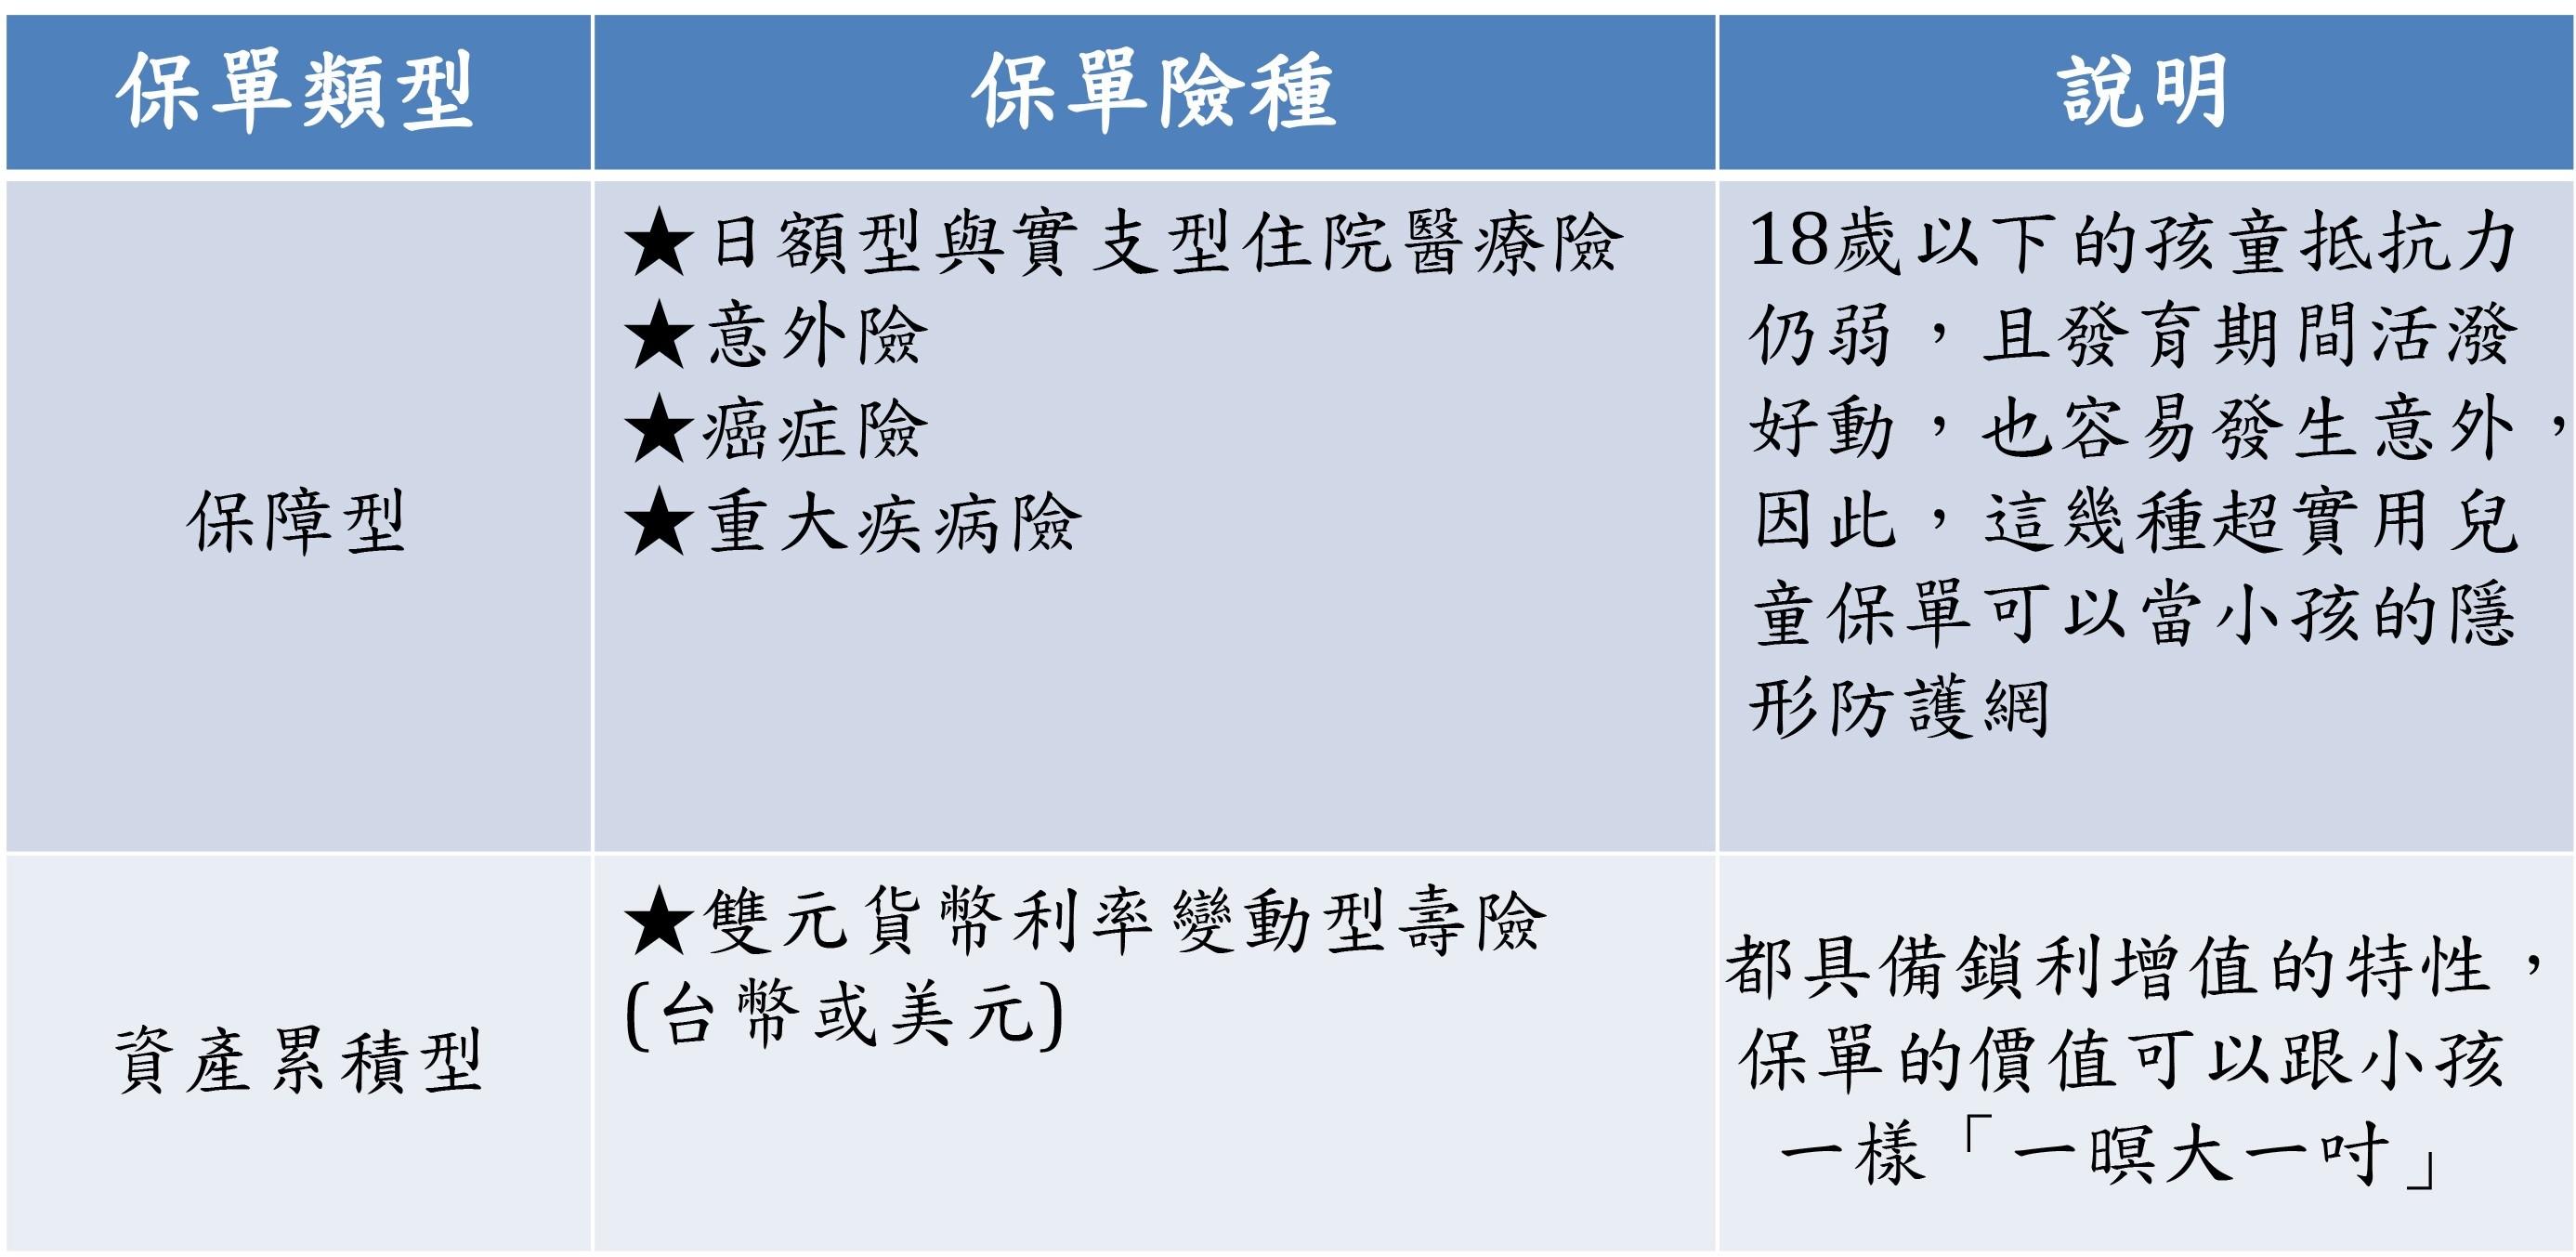 如何帮儿童选择好保险上海大众汽车生产线